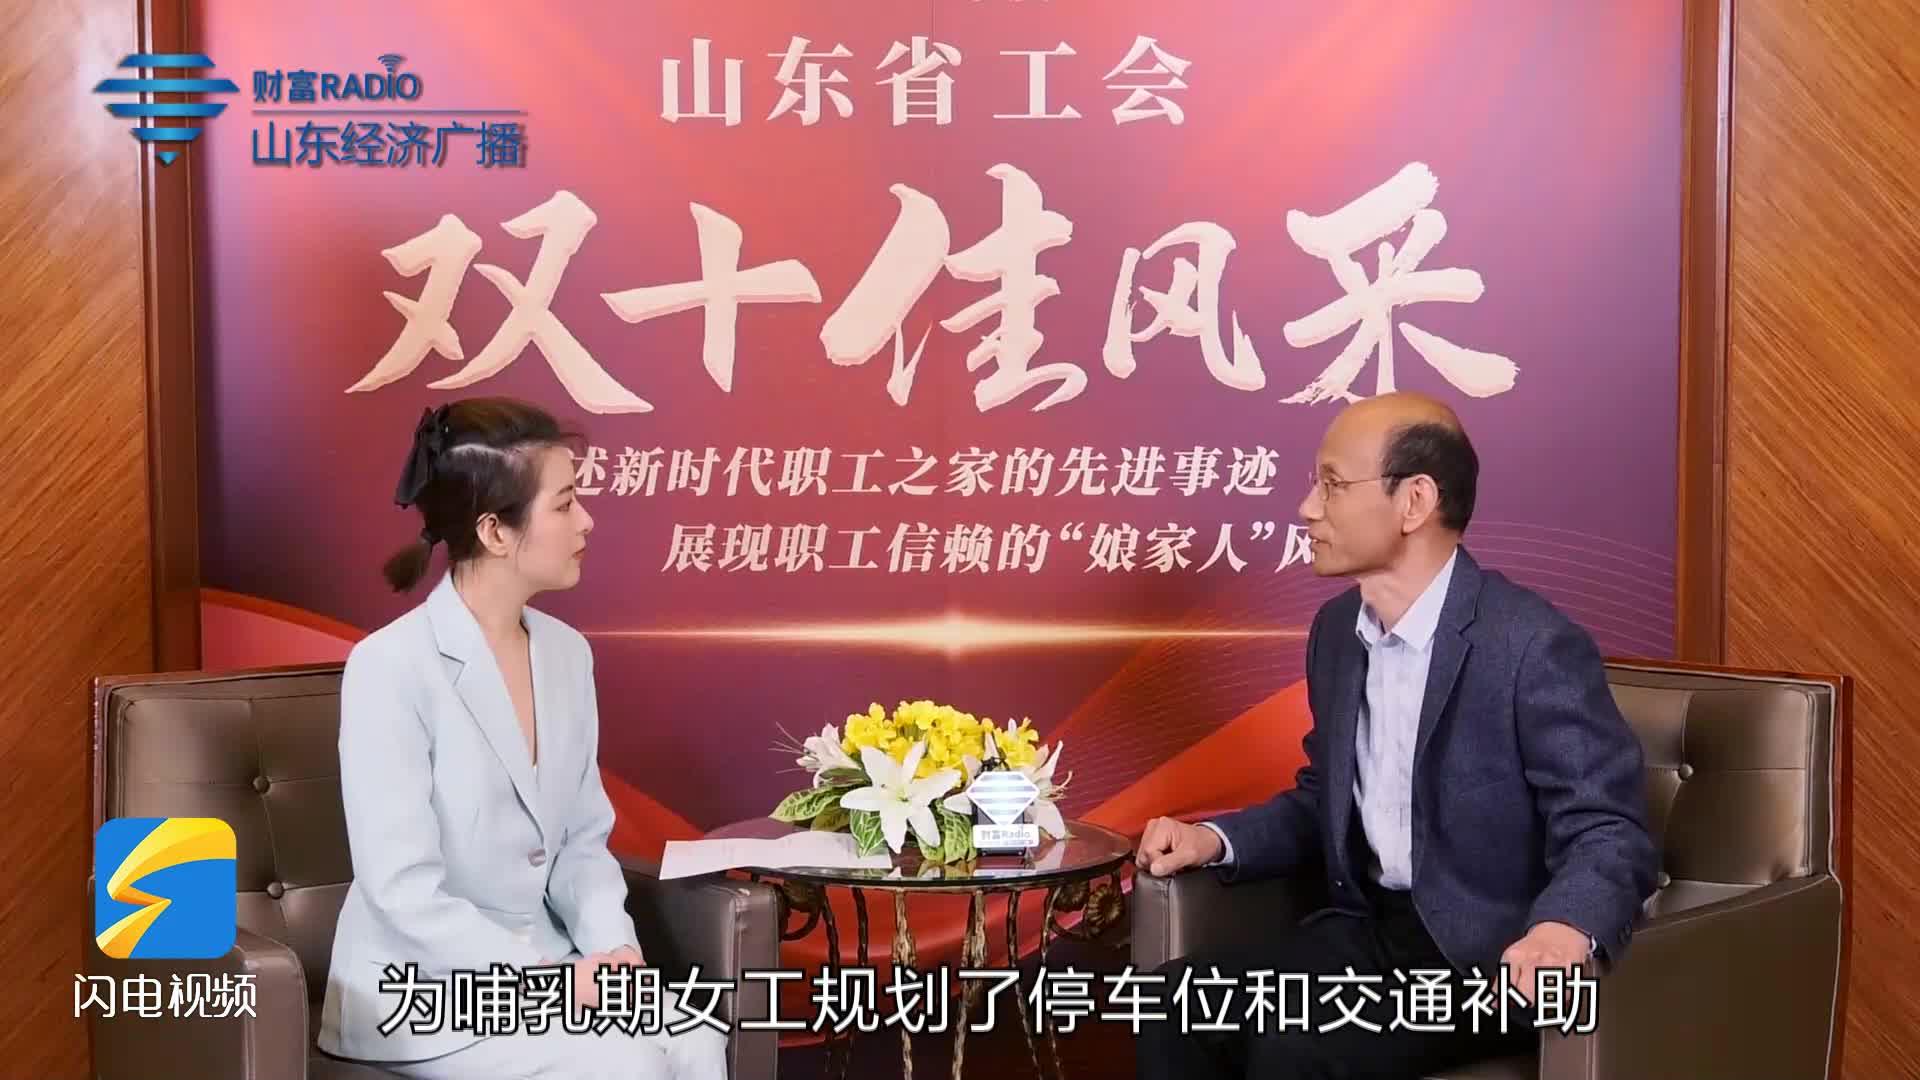 滨州渤海活塞有限公司工会委员会:互联网赋能工会服务,搭平台保障职工发展